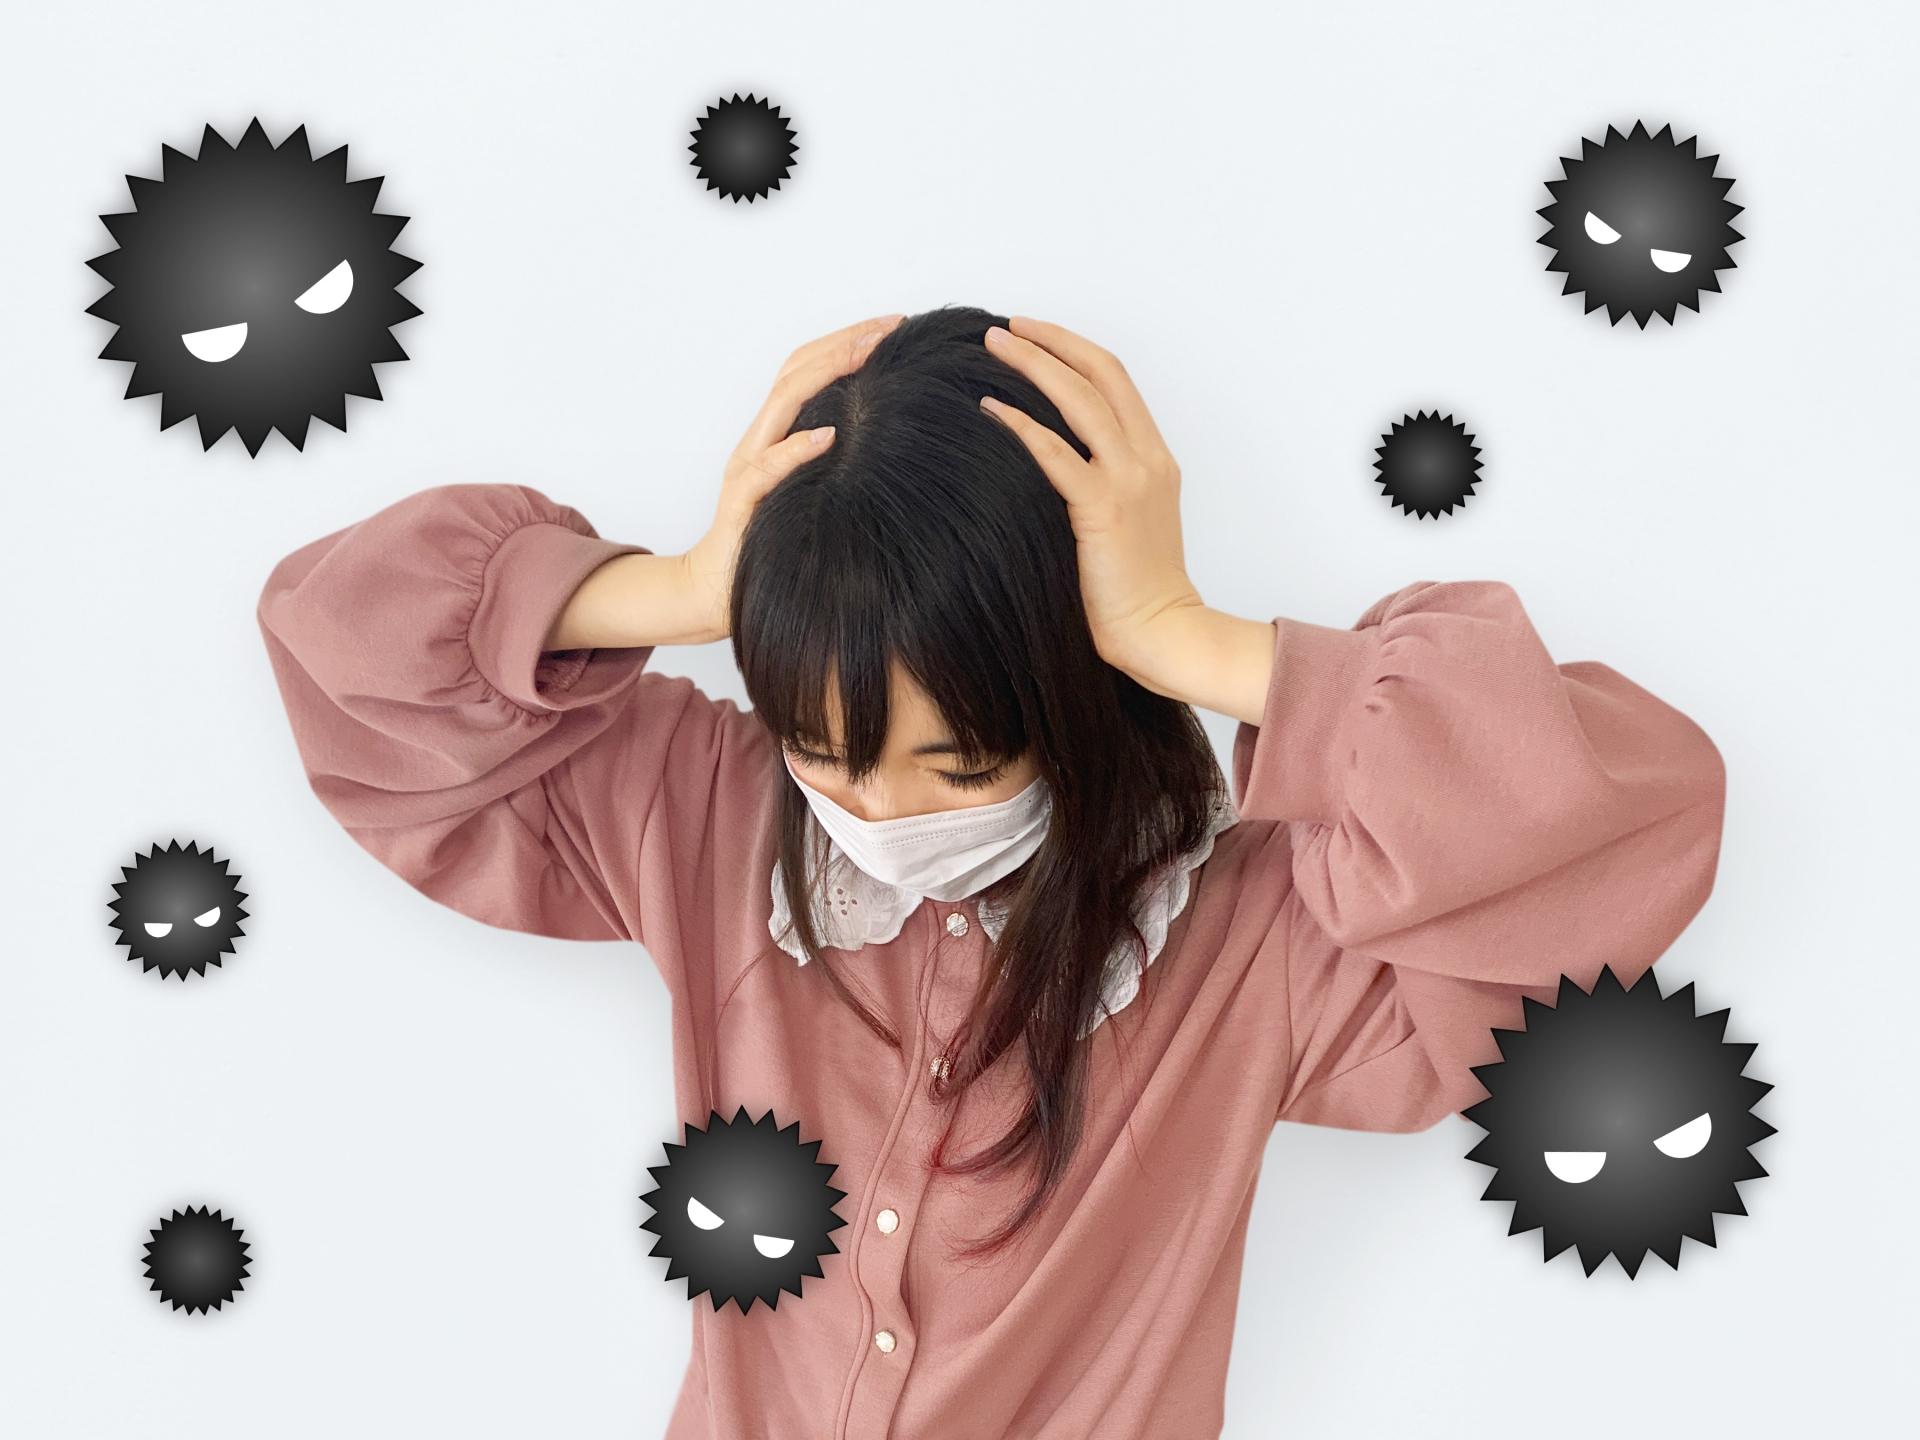 【次亜塩素酸で空間除菌】自己防衛はコロナウイルス対策に有効なジアイーノで!